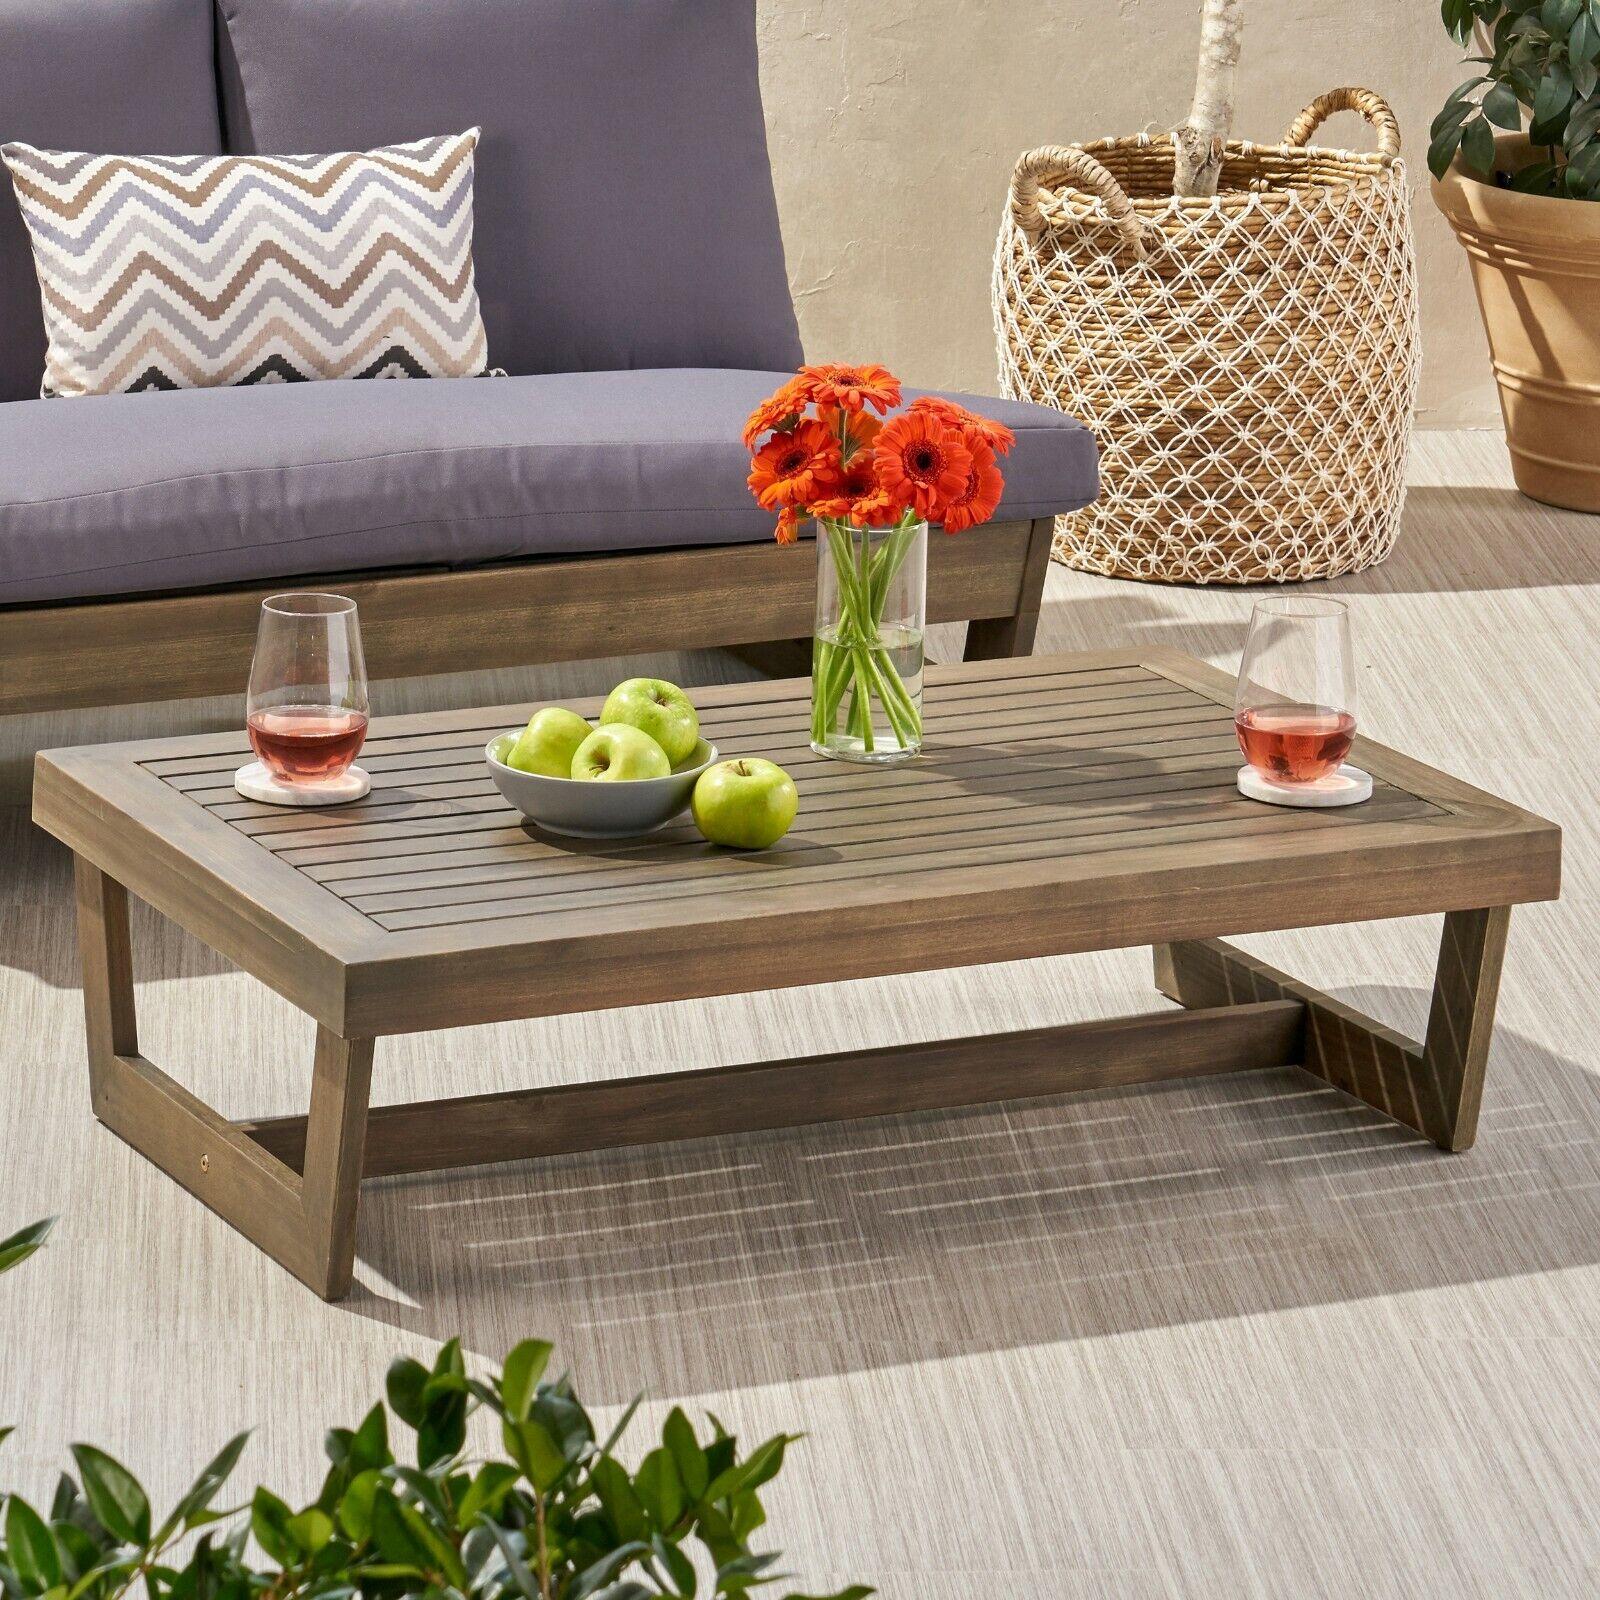 Hannah Outdoor Acacia Wood Coffee Table Home & Garden